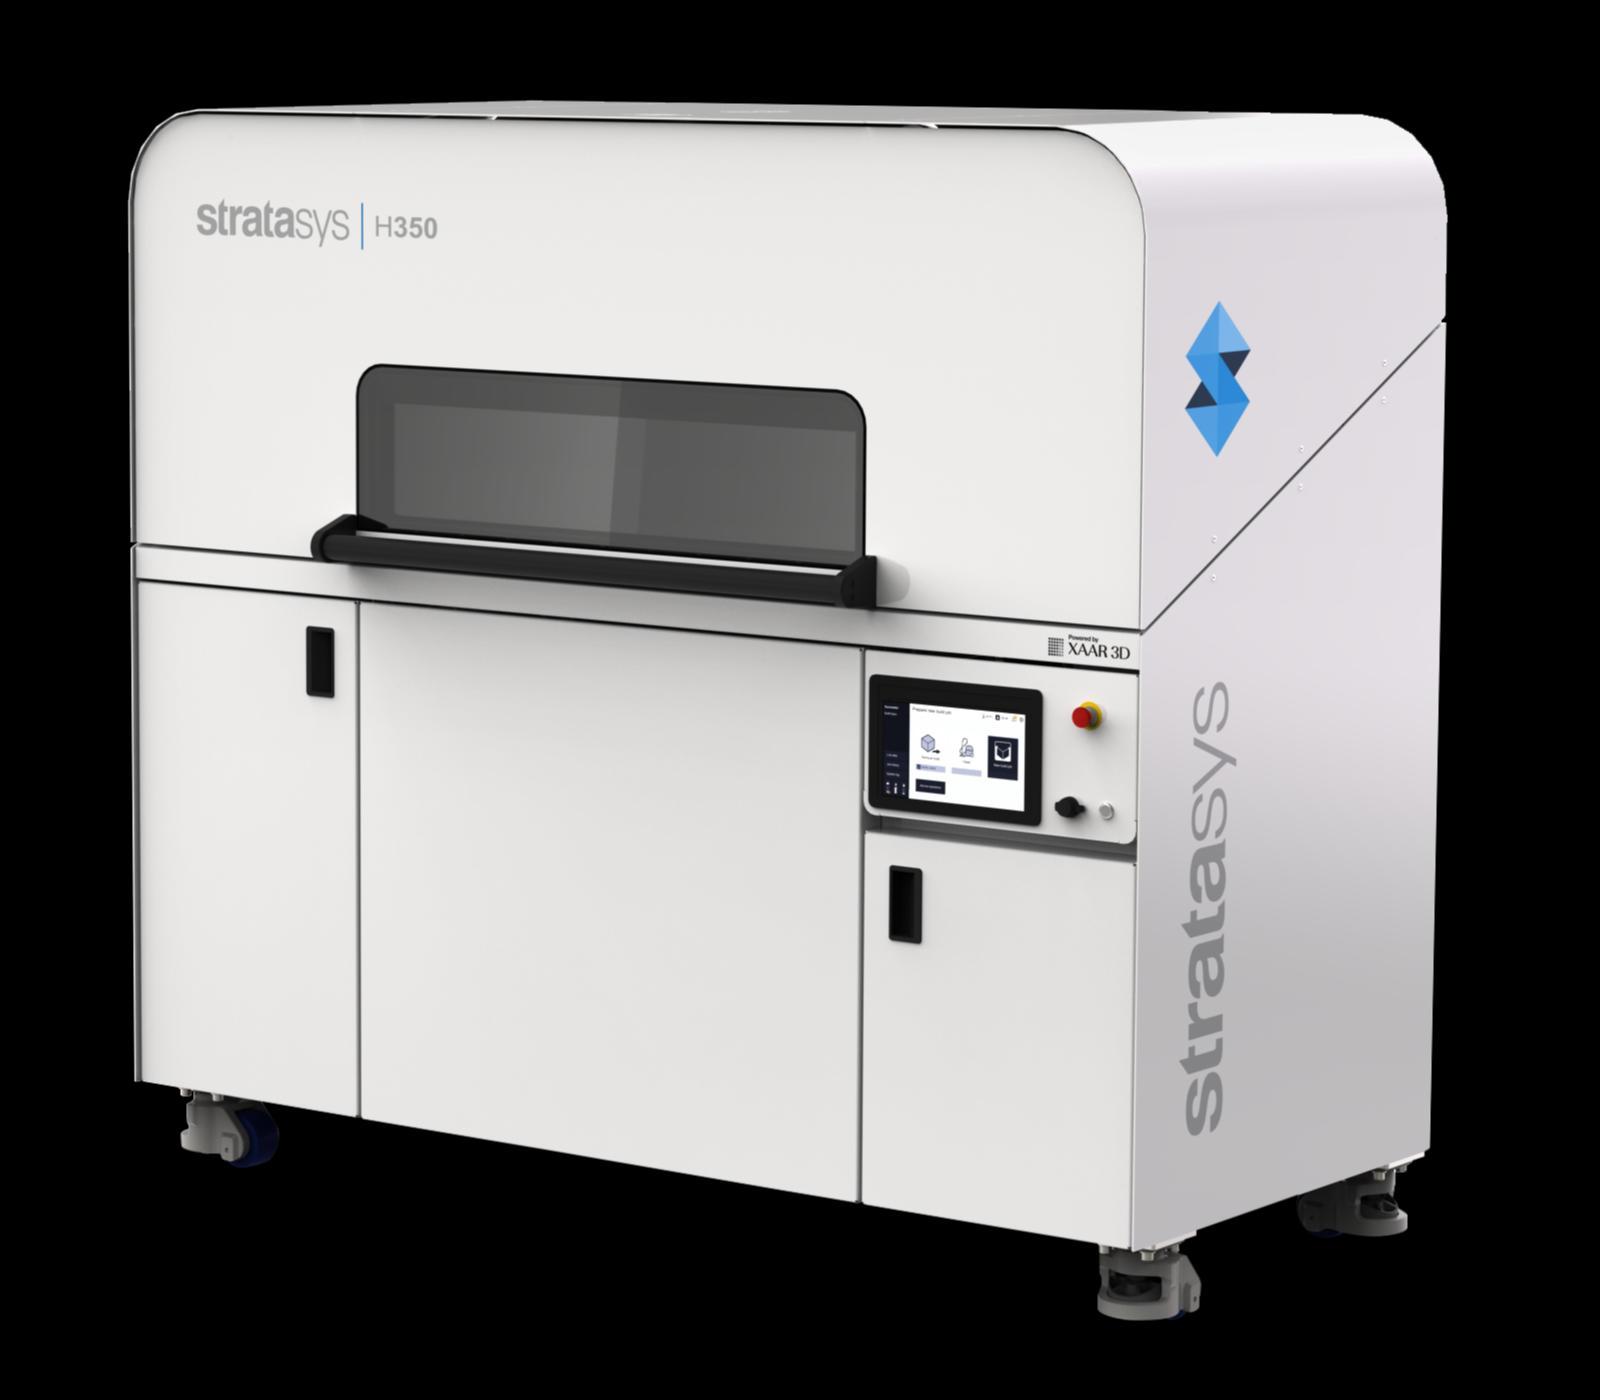 H360 machine iso